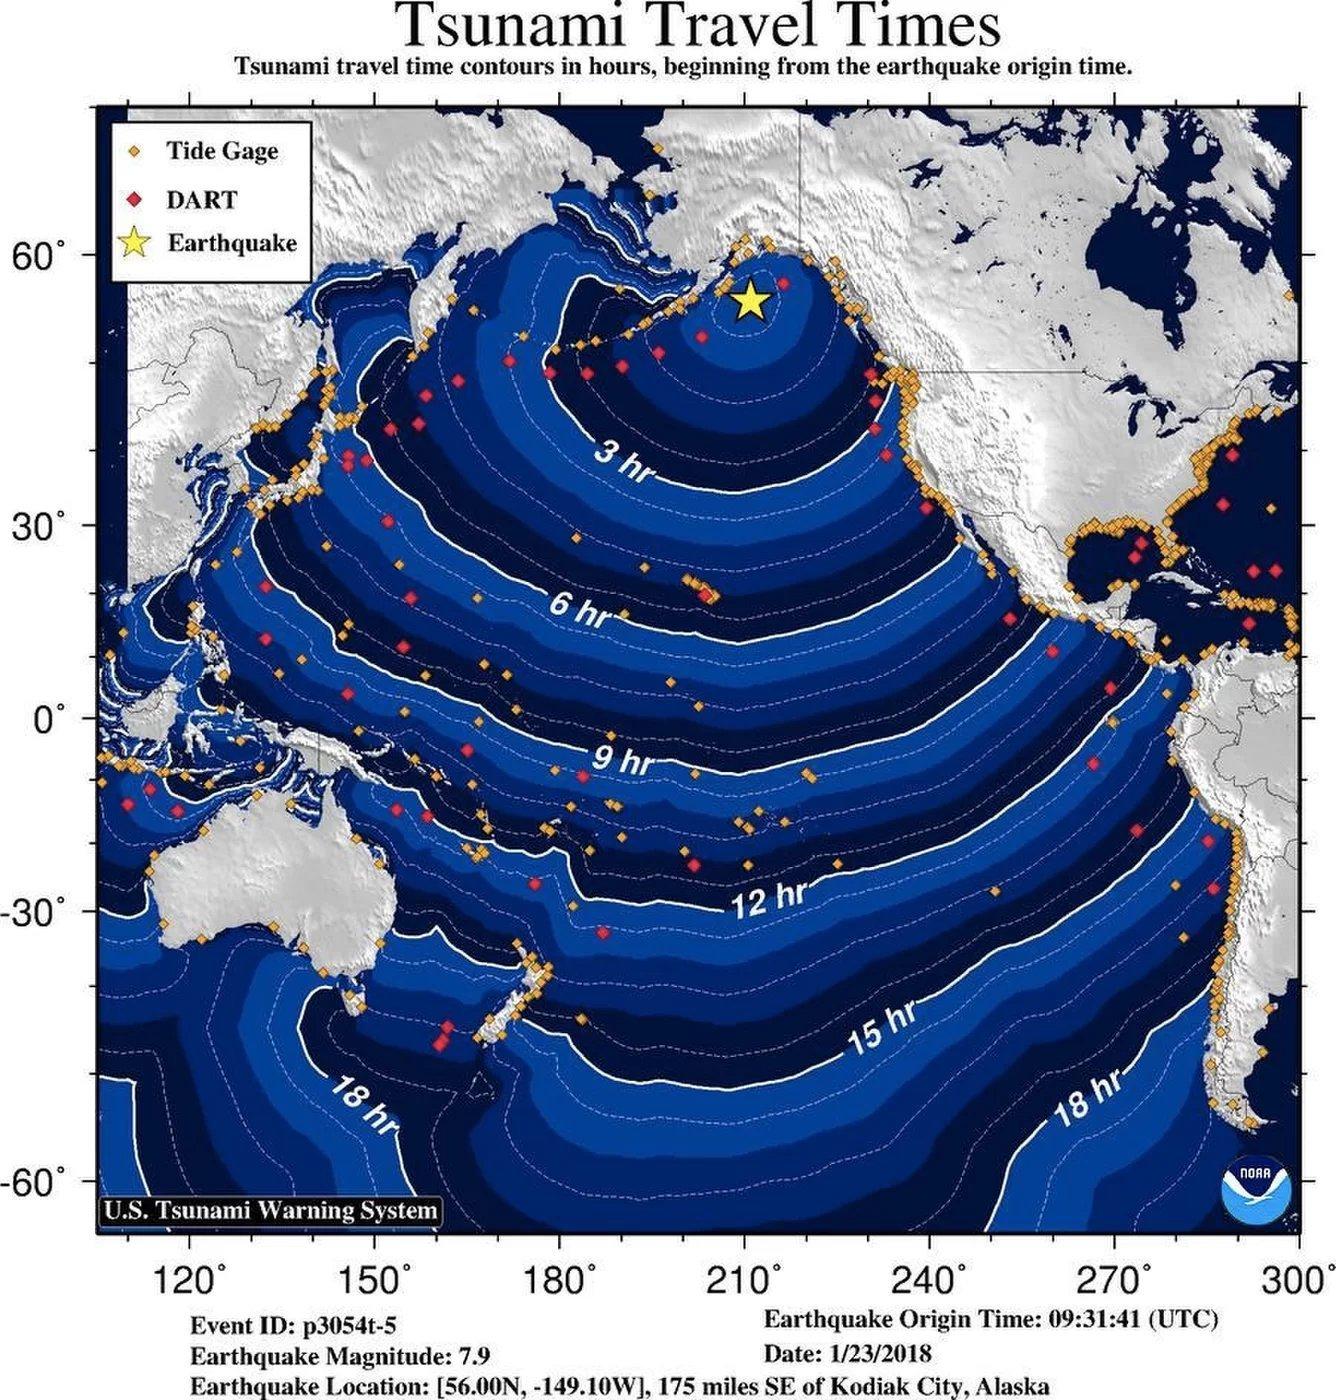 Posible ruta del Tsunami